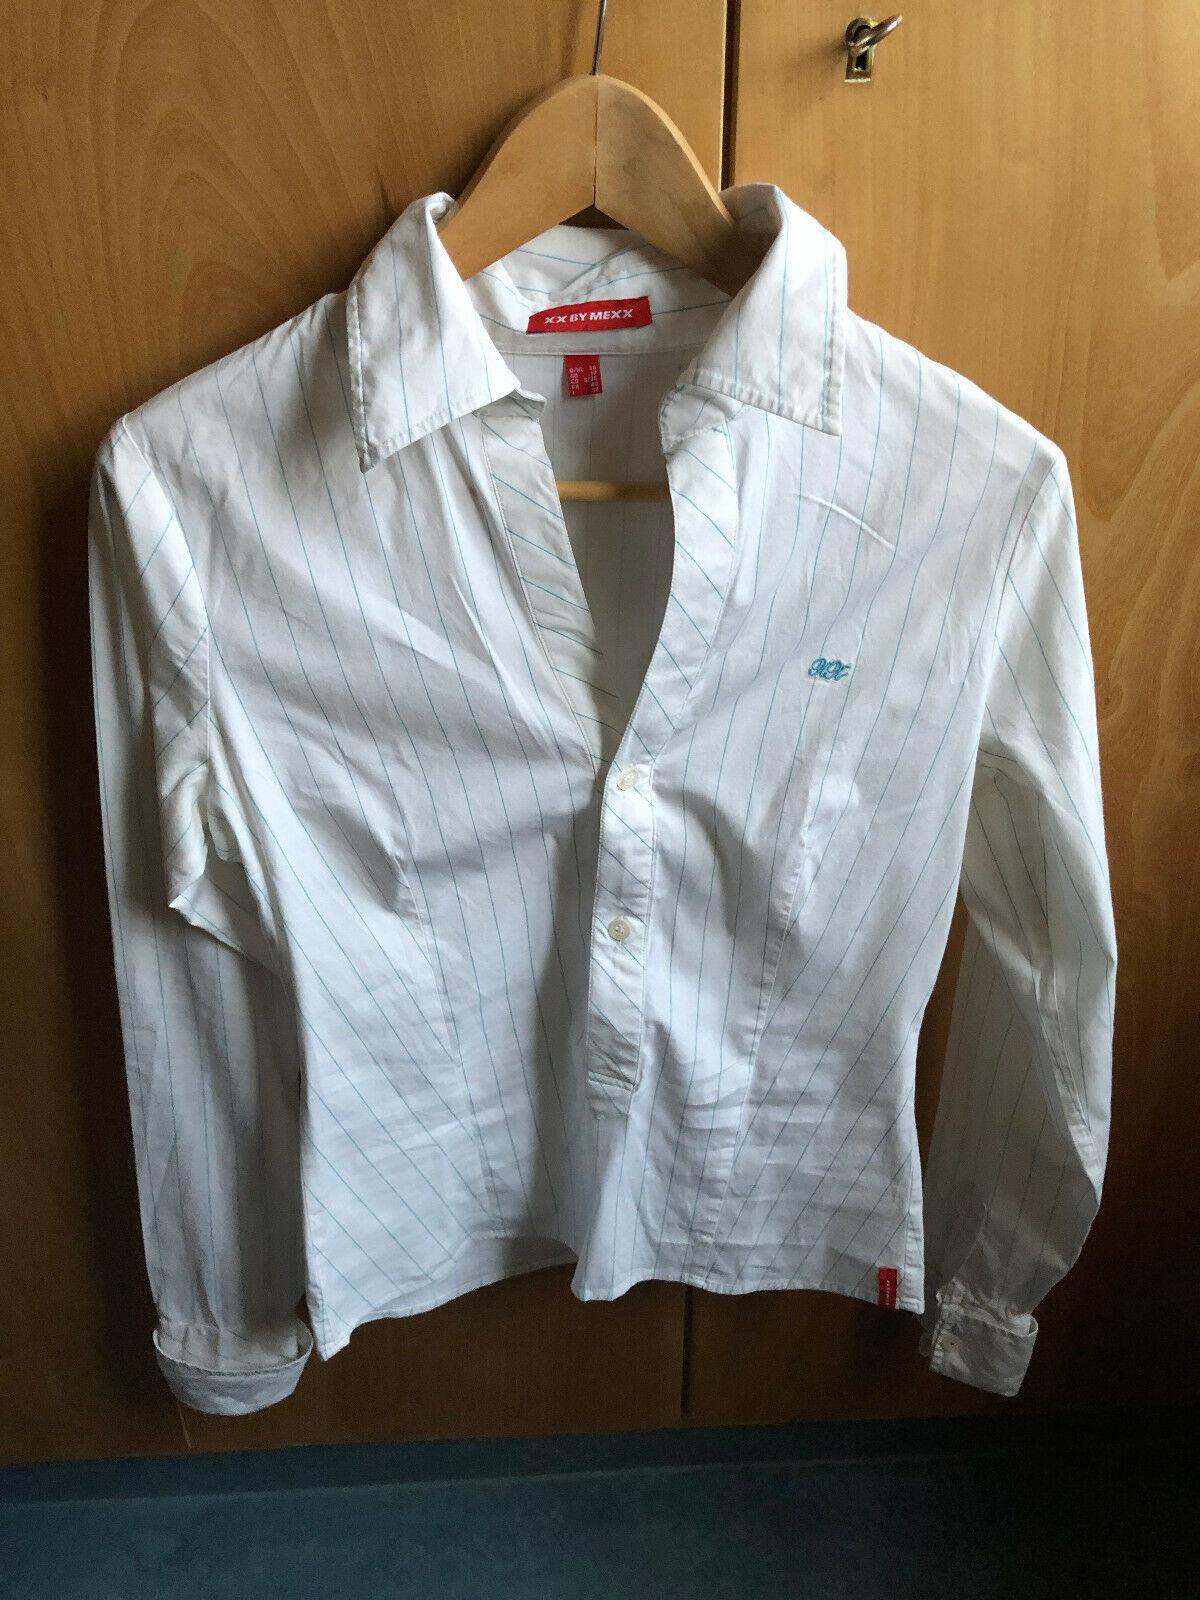 MEXX, Damen Bluse, weiß mit hellblauen Streifen, Gr. 36